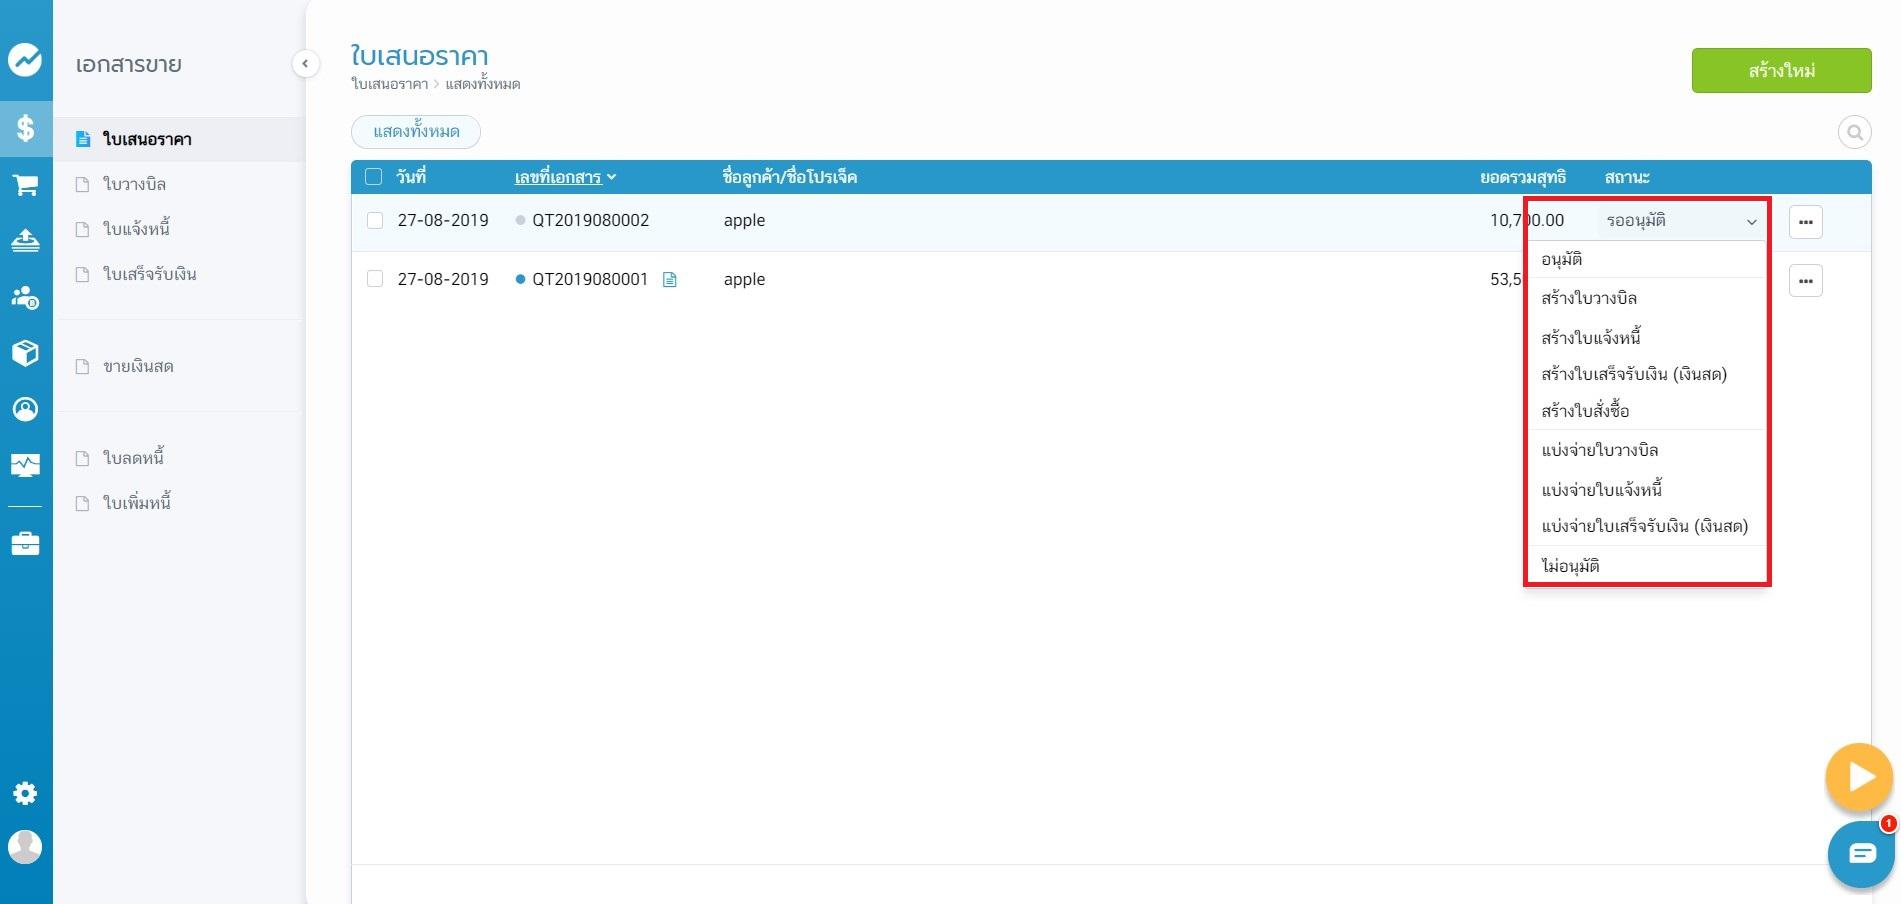 ฟังก์ชั่นเปลี่ยนสถานะเอกสาร บน ระบบบัญชีออนไลน์ FlowAccount.com ให้คุณทำงานได้สะดวกมากขึ้น